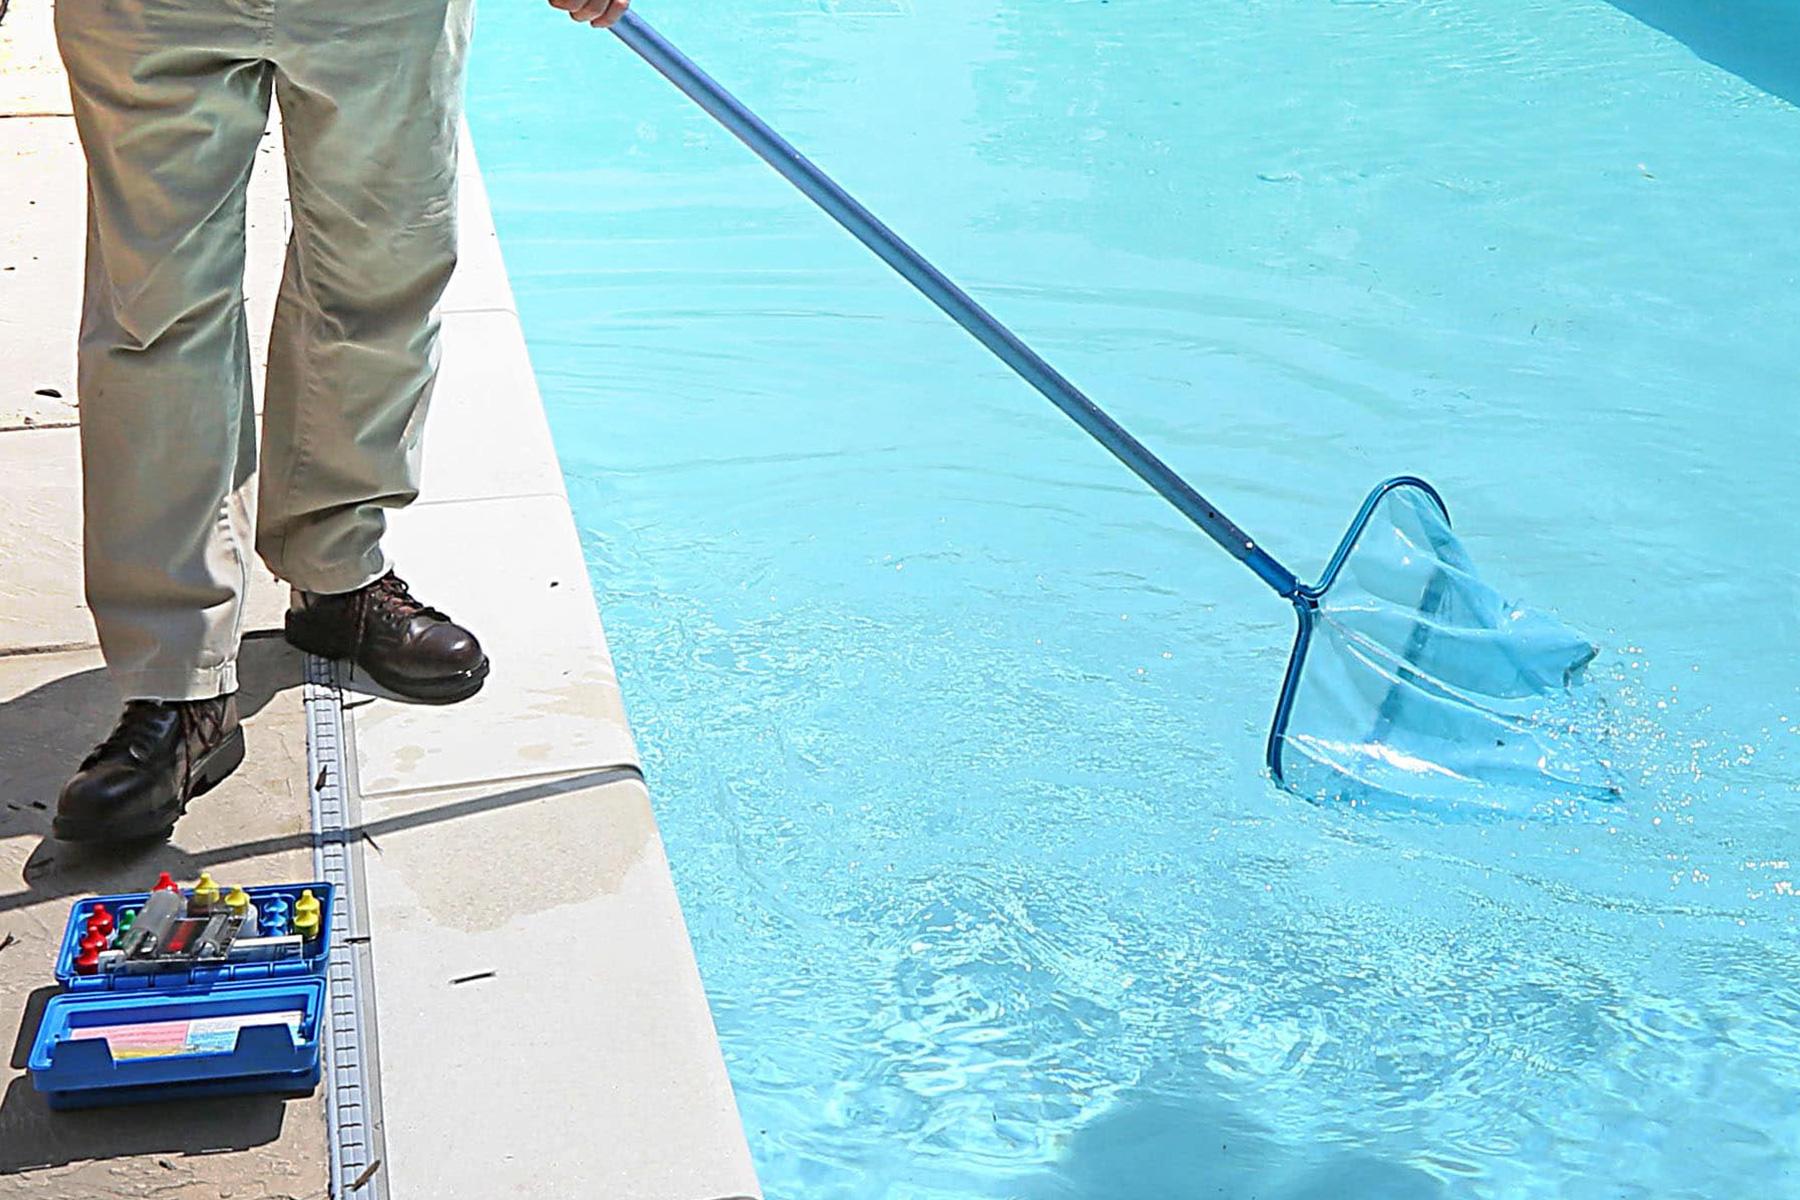 Pool-Maintenance-Service-Hammerhead-Pools.jpg